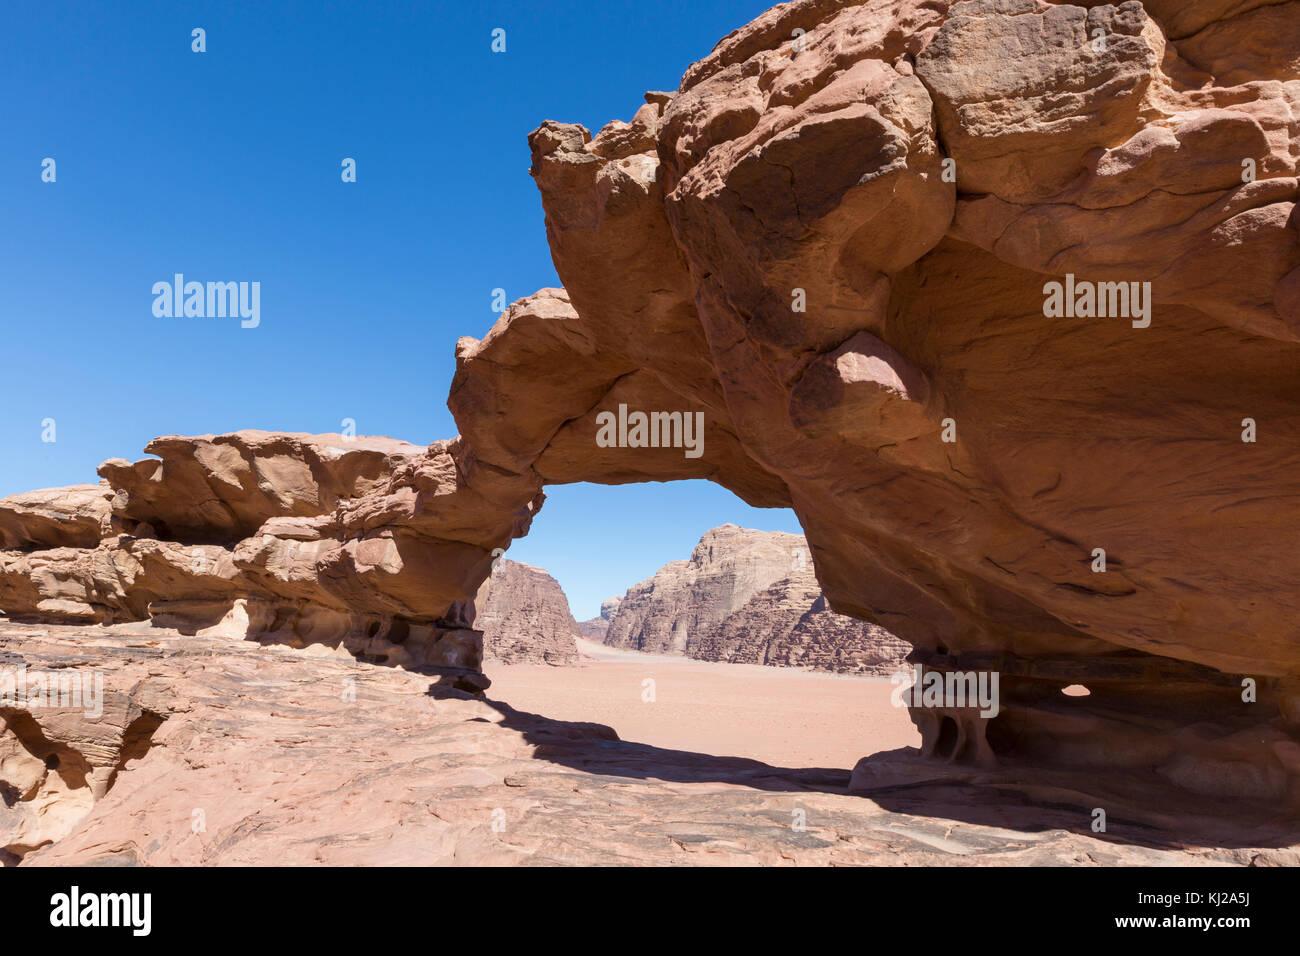 natural rock bridge and panoramic view of Wadi Rum desert, Jordan - Stock Image